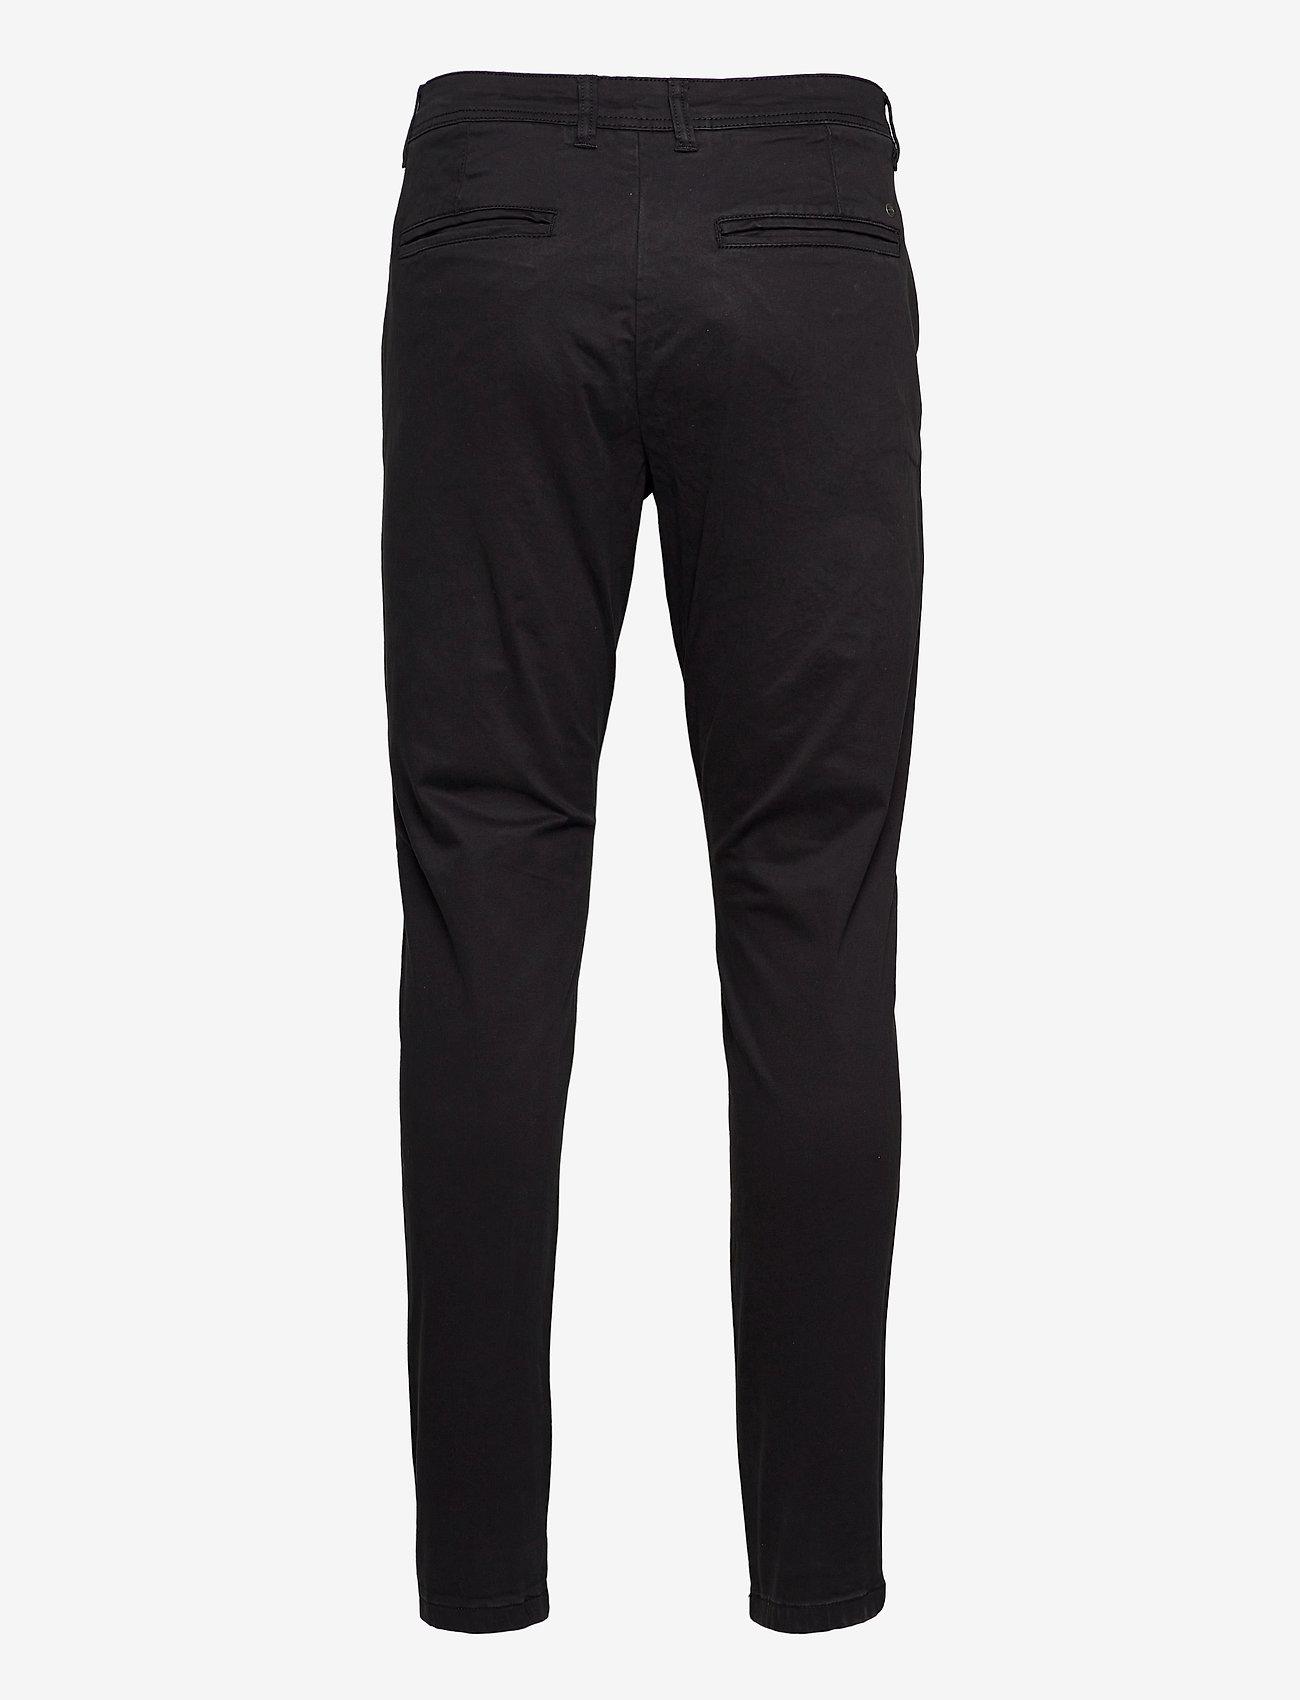 Solid 6208601, Pants - SDJim - Bukser BLACK - Menn Klær